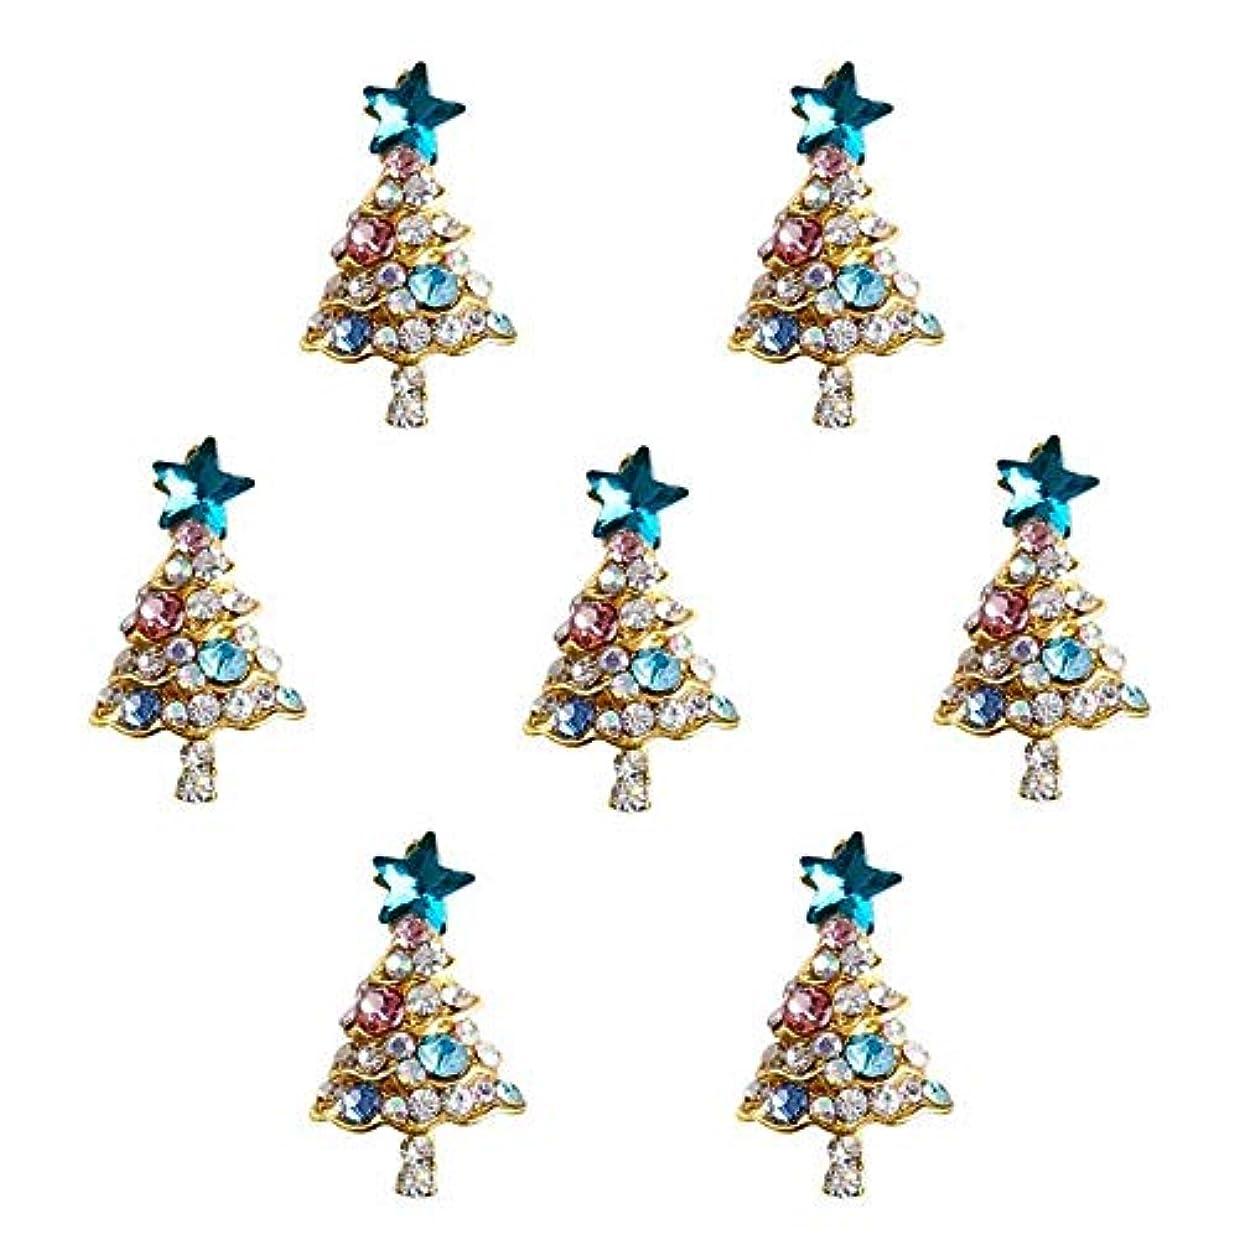 昼間言語傾向10個入り/ロット3Dラインストーンの装飾ブルーグリッタースタークリスマスツリーのデザイン接着剤ネイルアートDIYスタッドは、合金用品